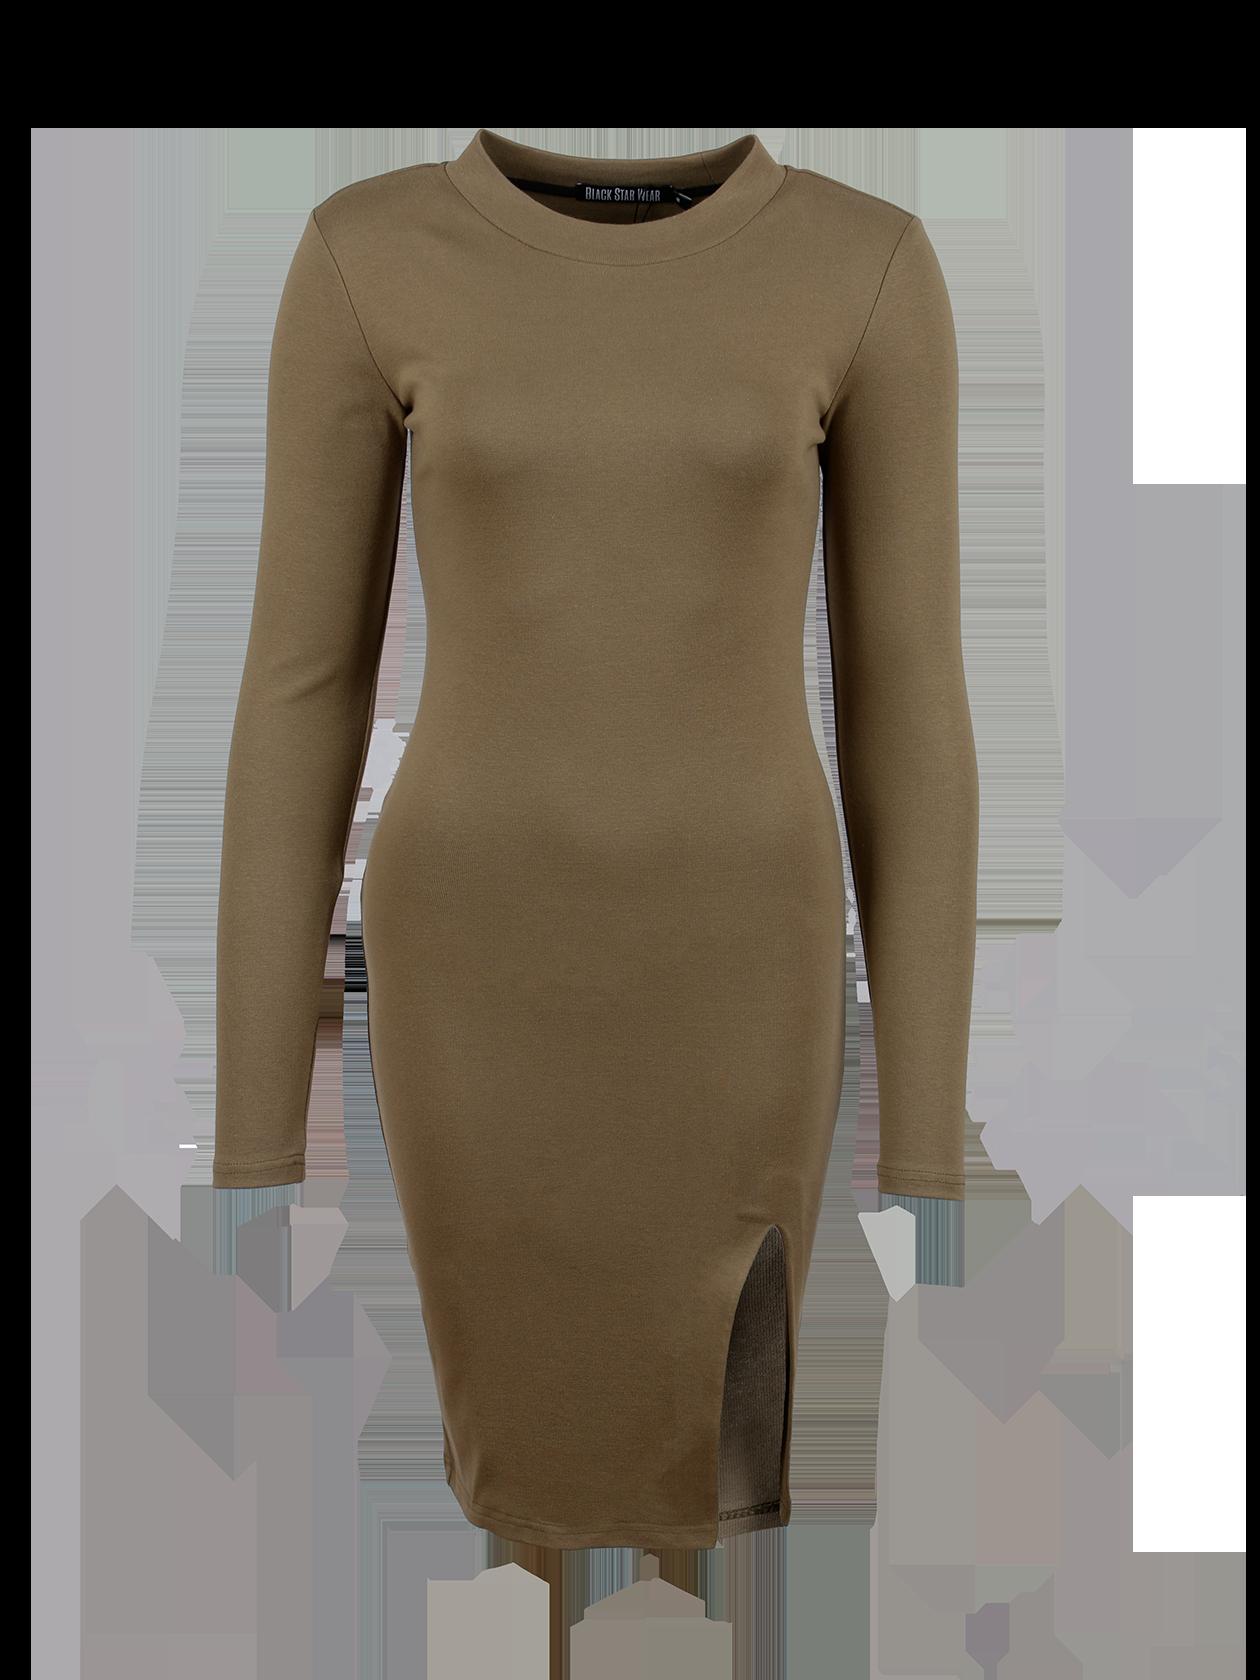 Womens dress SKINNY CUTПлатье Skinny Cut, представленное в коллекции Black Star Wear, станет незаменимой вещью в гардеробе. Модель приятного светло-коричневого оттенка облегающего силуэта выгодно подчеркнет достоинства фигуры. Лаконичный дизайн дополнен небольшим боковым разрезом спереди. Горловина средней глубины с обтачкой из основного материала. Изделие выполнено из бленда натурального хлопка с небольшой примесью эластана, хорошо держит форму и отличается практичностью.<br><br>size: L<br>color: Khaki<br>gender: female